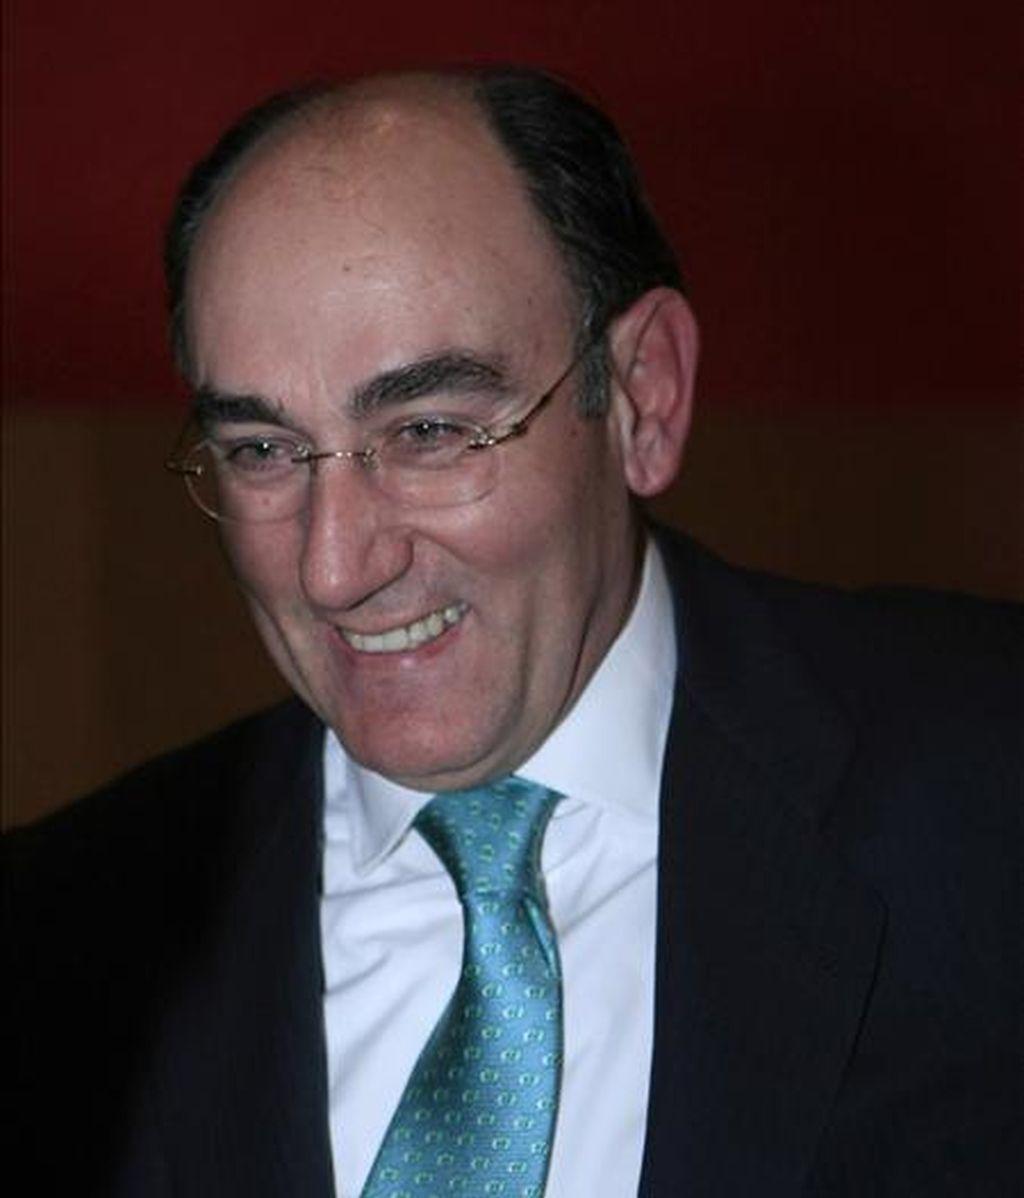 El presidente de Iberdrola, Ignacio Galán, en una imagen del pasado mes de noviembre. EFE/Archivo